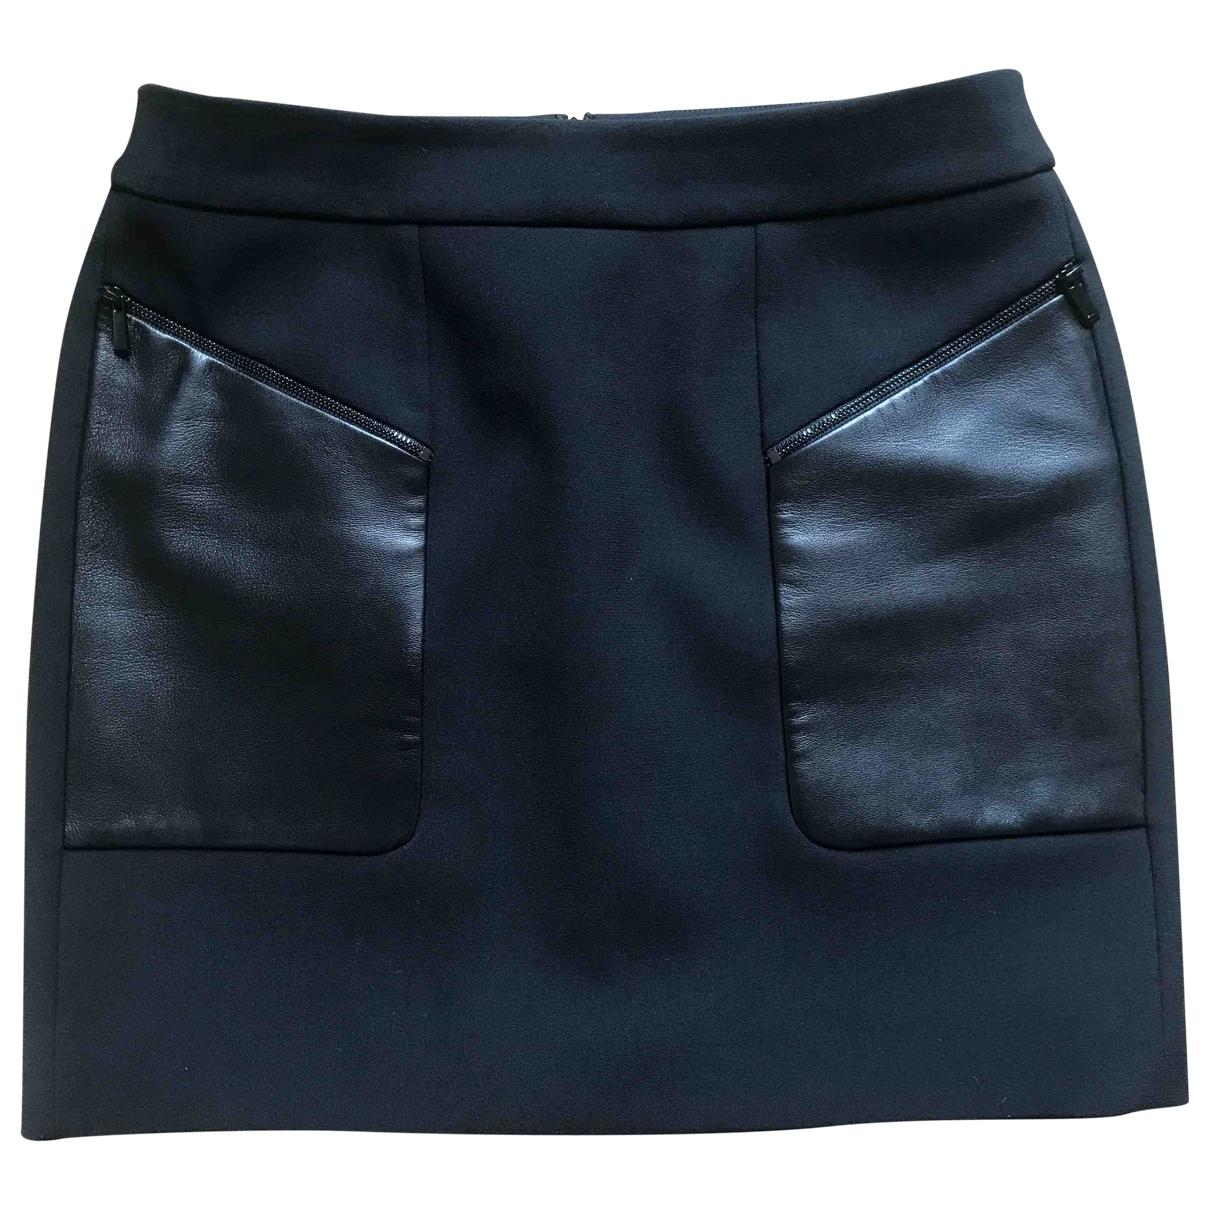 Barbara Bui \N Black skirt for Women 38 FR